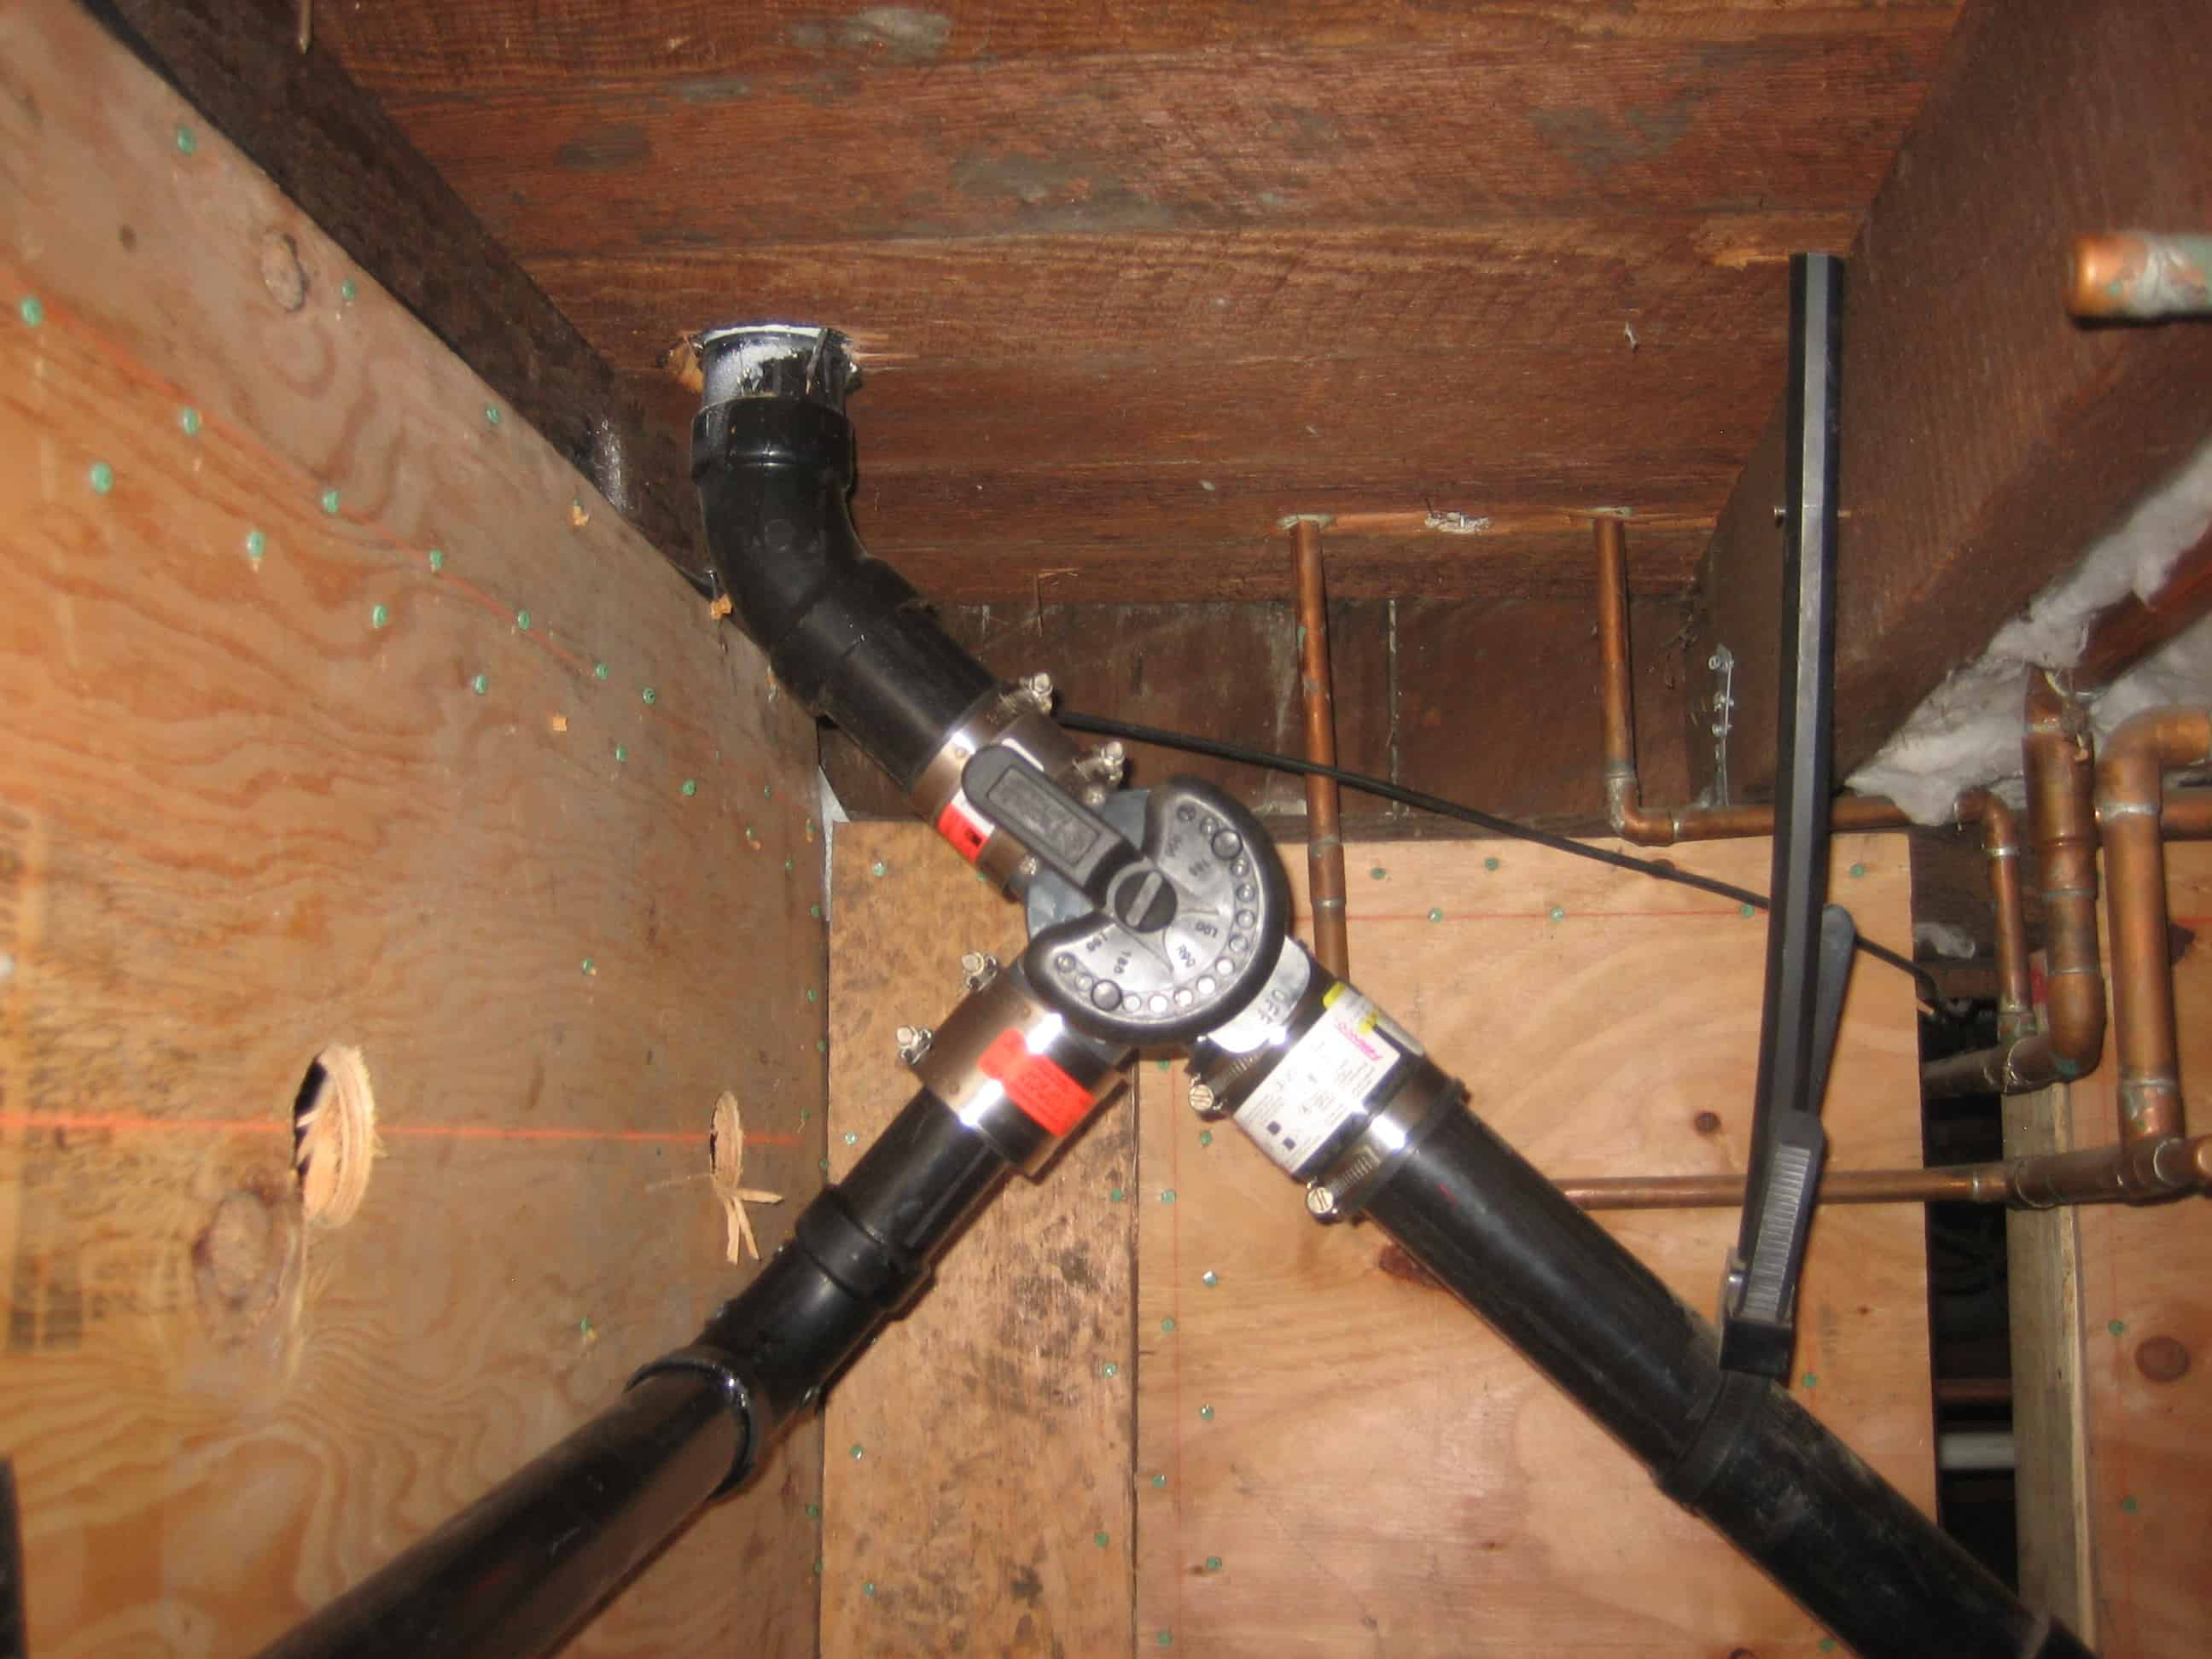 kitchen sink system branched drain. Interior Design Ideas. Home Design Ideas